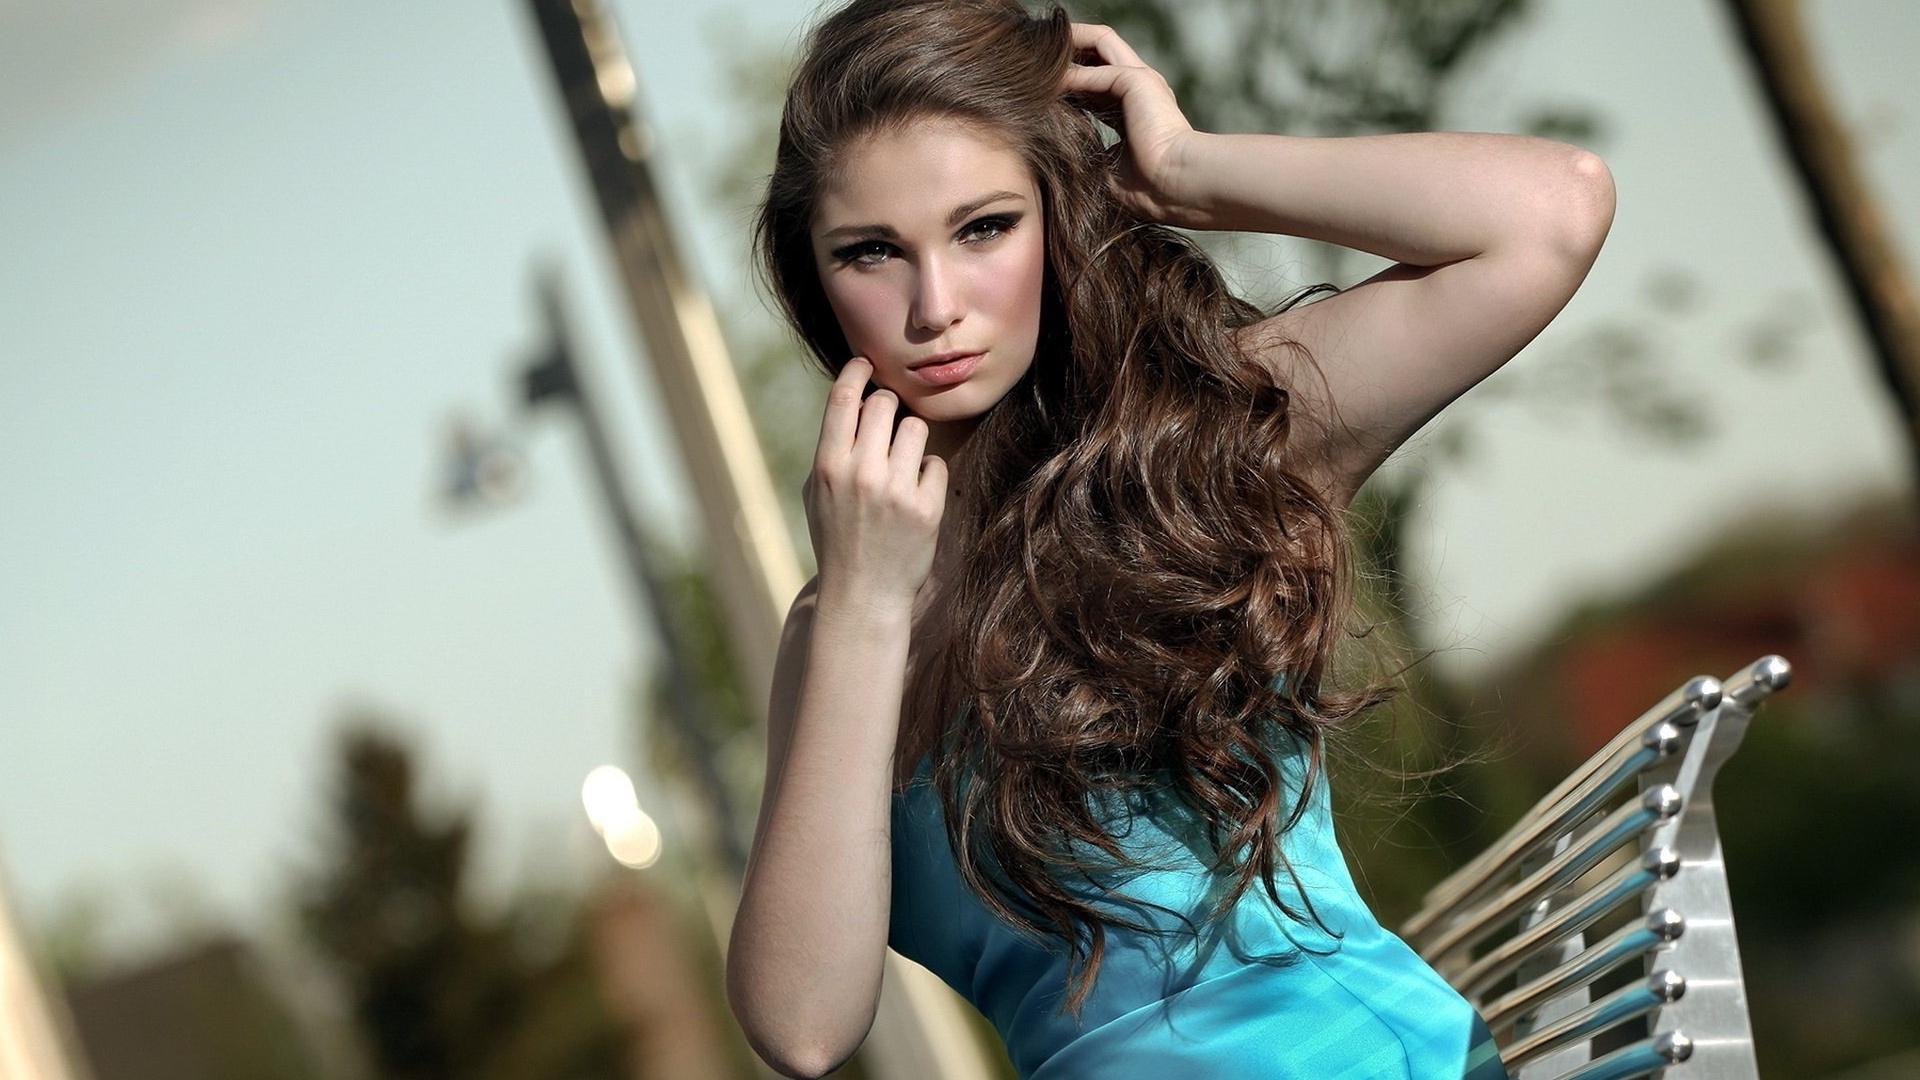 Fonds d 39 cran t l charger 1920x1080 jolie fille cheveux for Fond ecran jolie fille